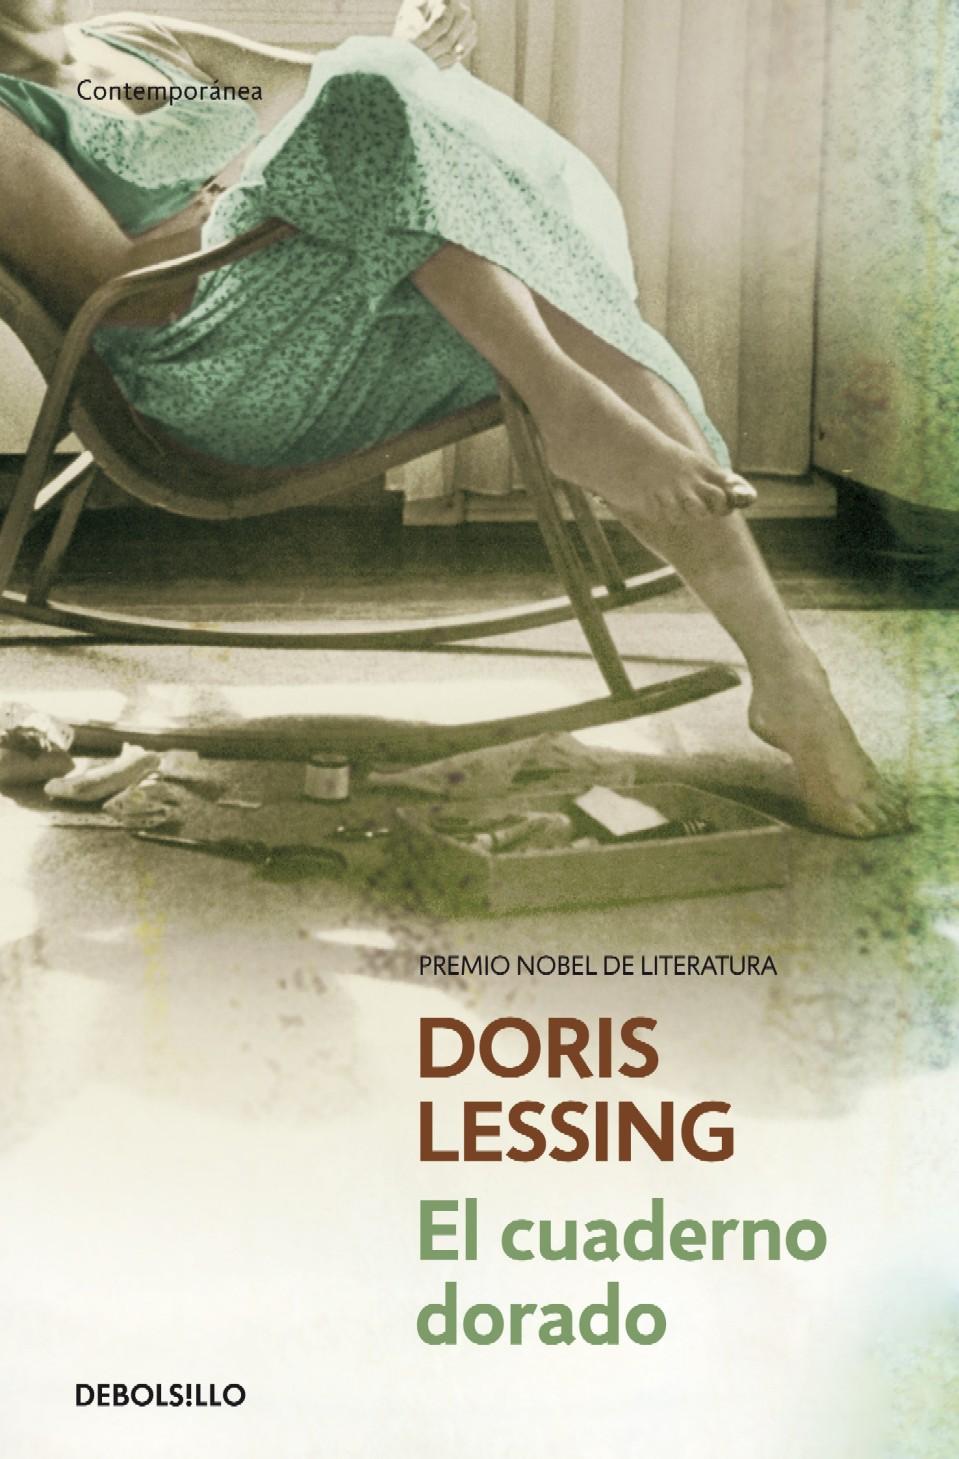 El cuaderno dorado – Doris Lessing